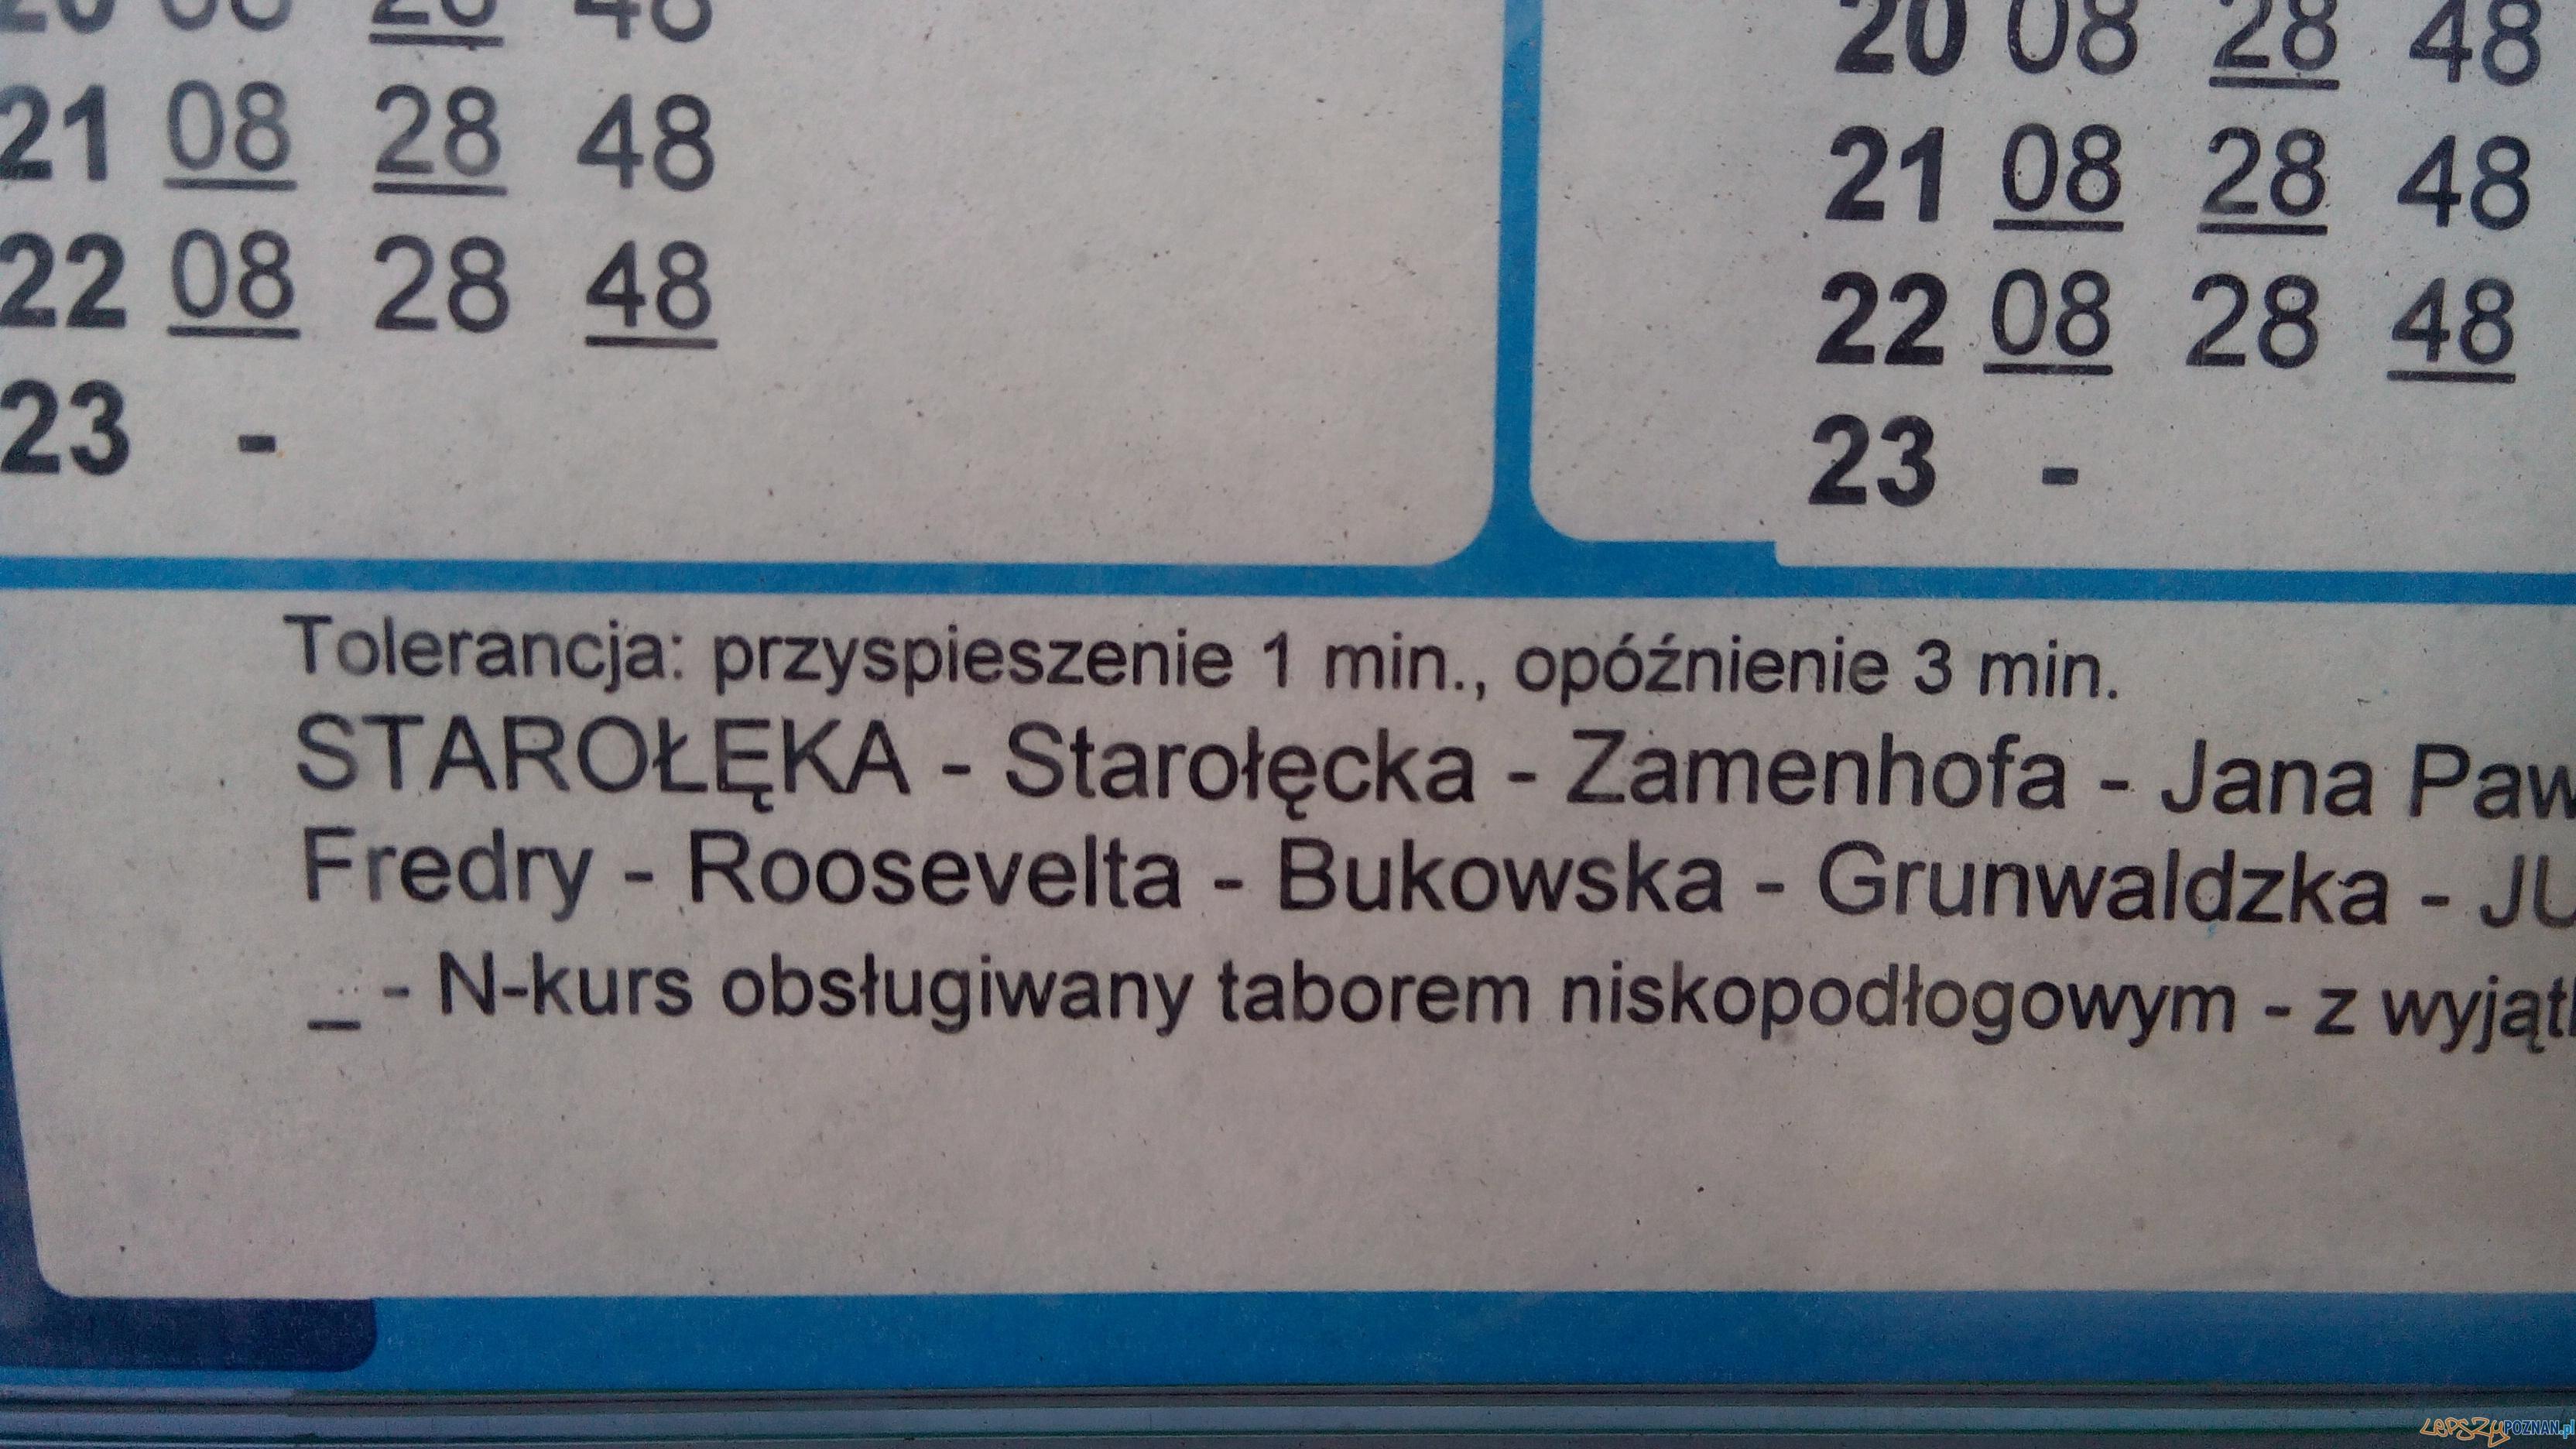 Tolerancja  Foto: lepszyPOZNAN.pl / news@lepszypoznan.pl